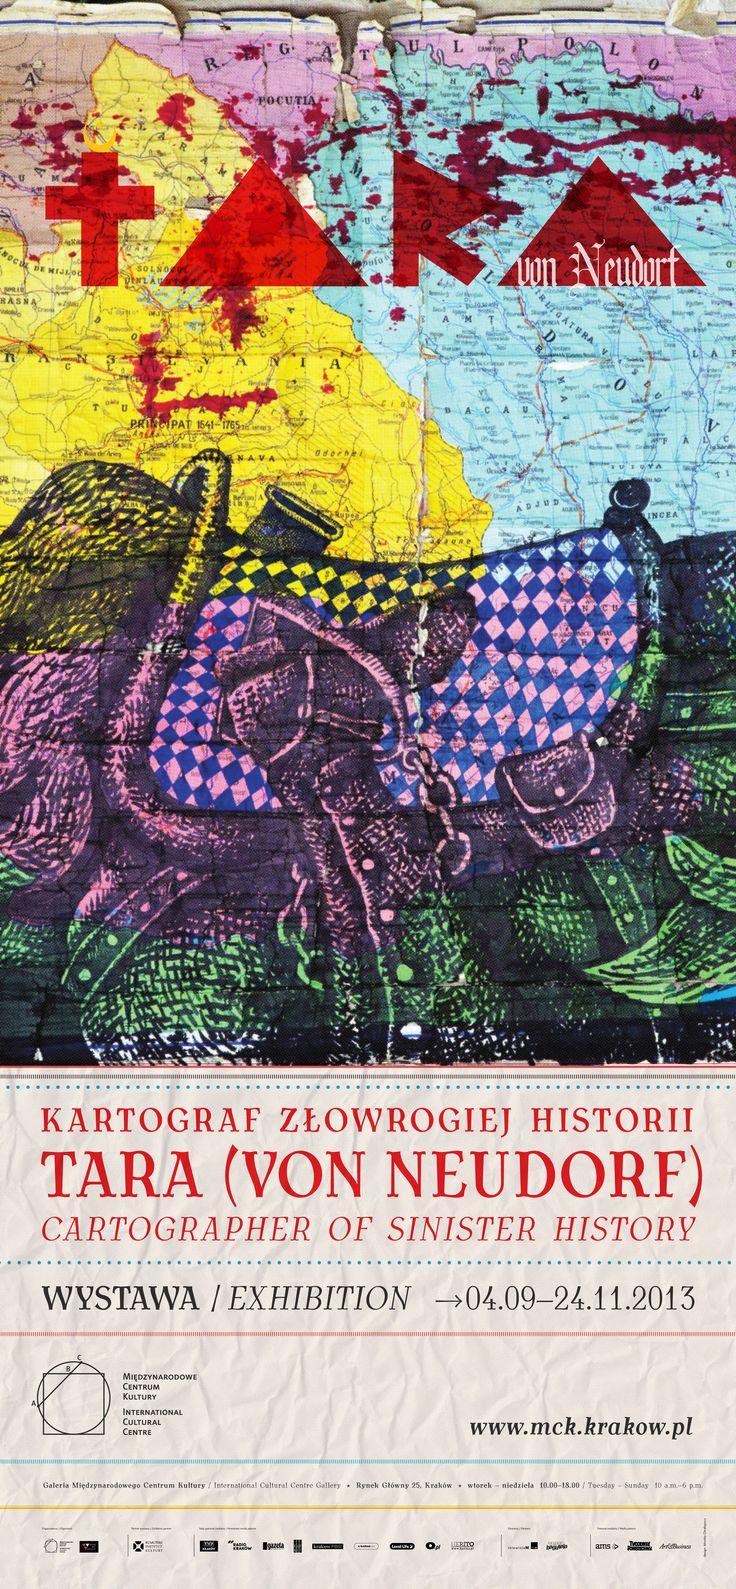 Kartograf złowrogiej historii. Tara (von Neudorf). (04.09.2013 - 24.11.2013) Po raz pierwszy w Polsce Galeria MCK zaprezentowała twórczość rumuńskiego artysty Tary (von Neudorf). Tara najchętniej posługuje się czarnym flamastrem i czerwoną farbą – jego najbardziej znane prace powstały na starych, komunistycznych mapach i planszach szkolnych.